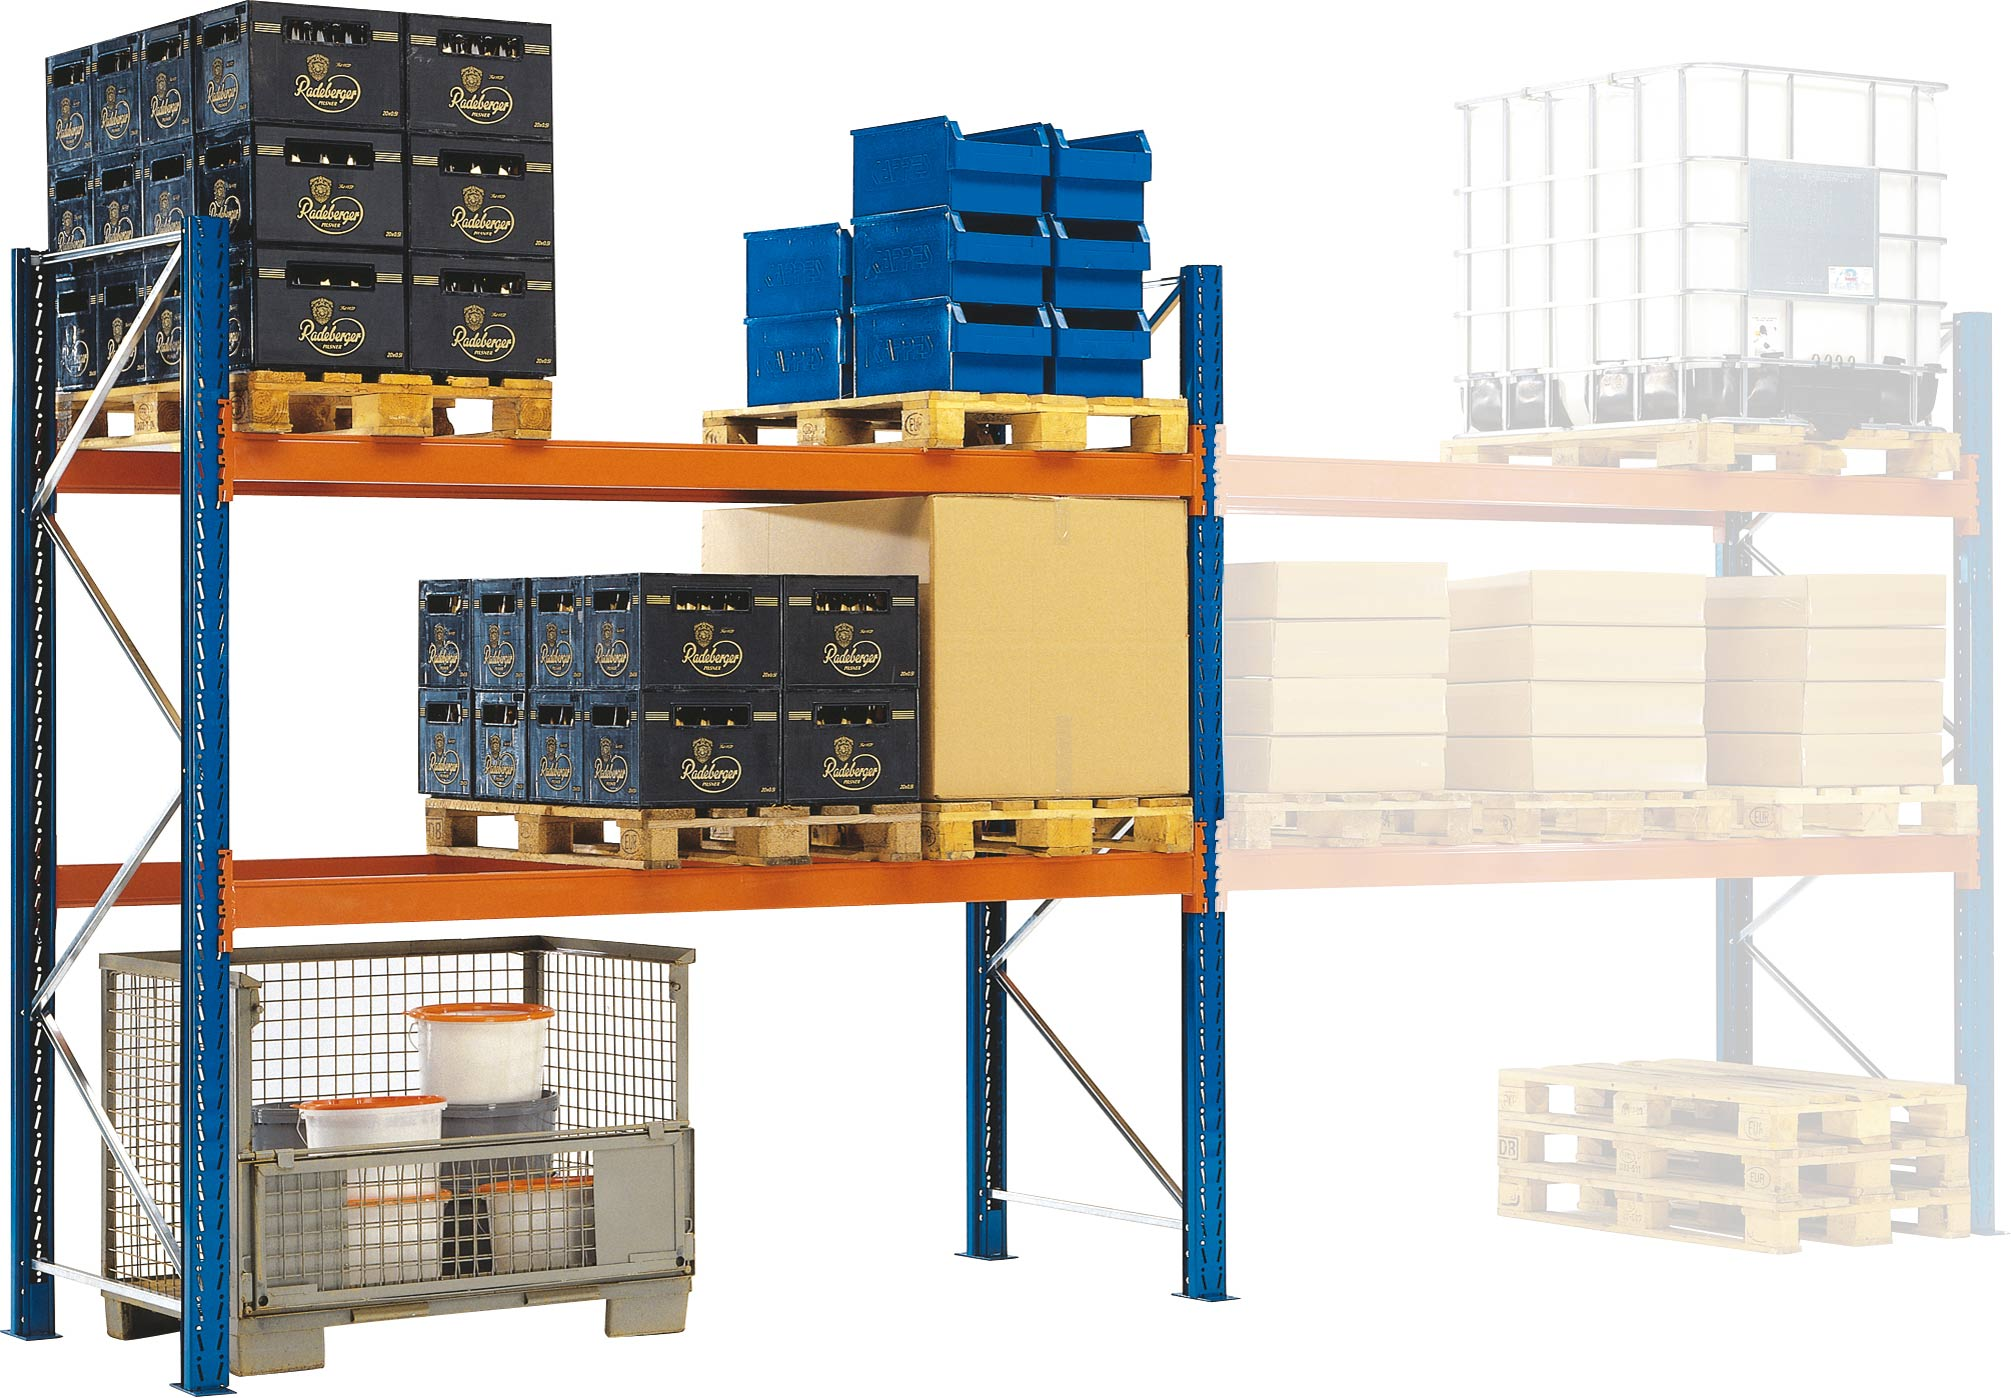 Regalwerk KENO Palettenregal 90|50 Grundfeld 2100 x 2700 x 750 mm Fachlast 2120 kg - 2 Ebenen - für Quereinlagerung (RW-B4-52131-750) Bild-01